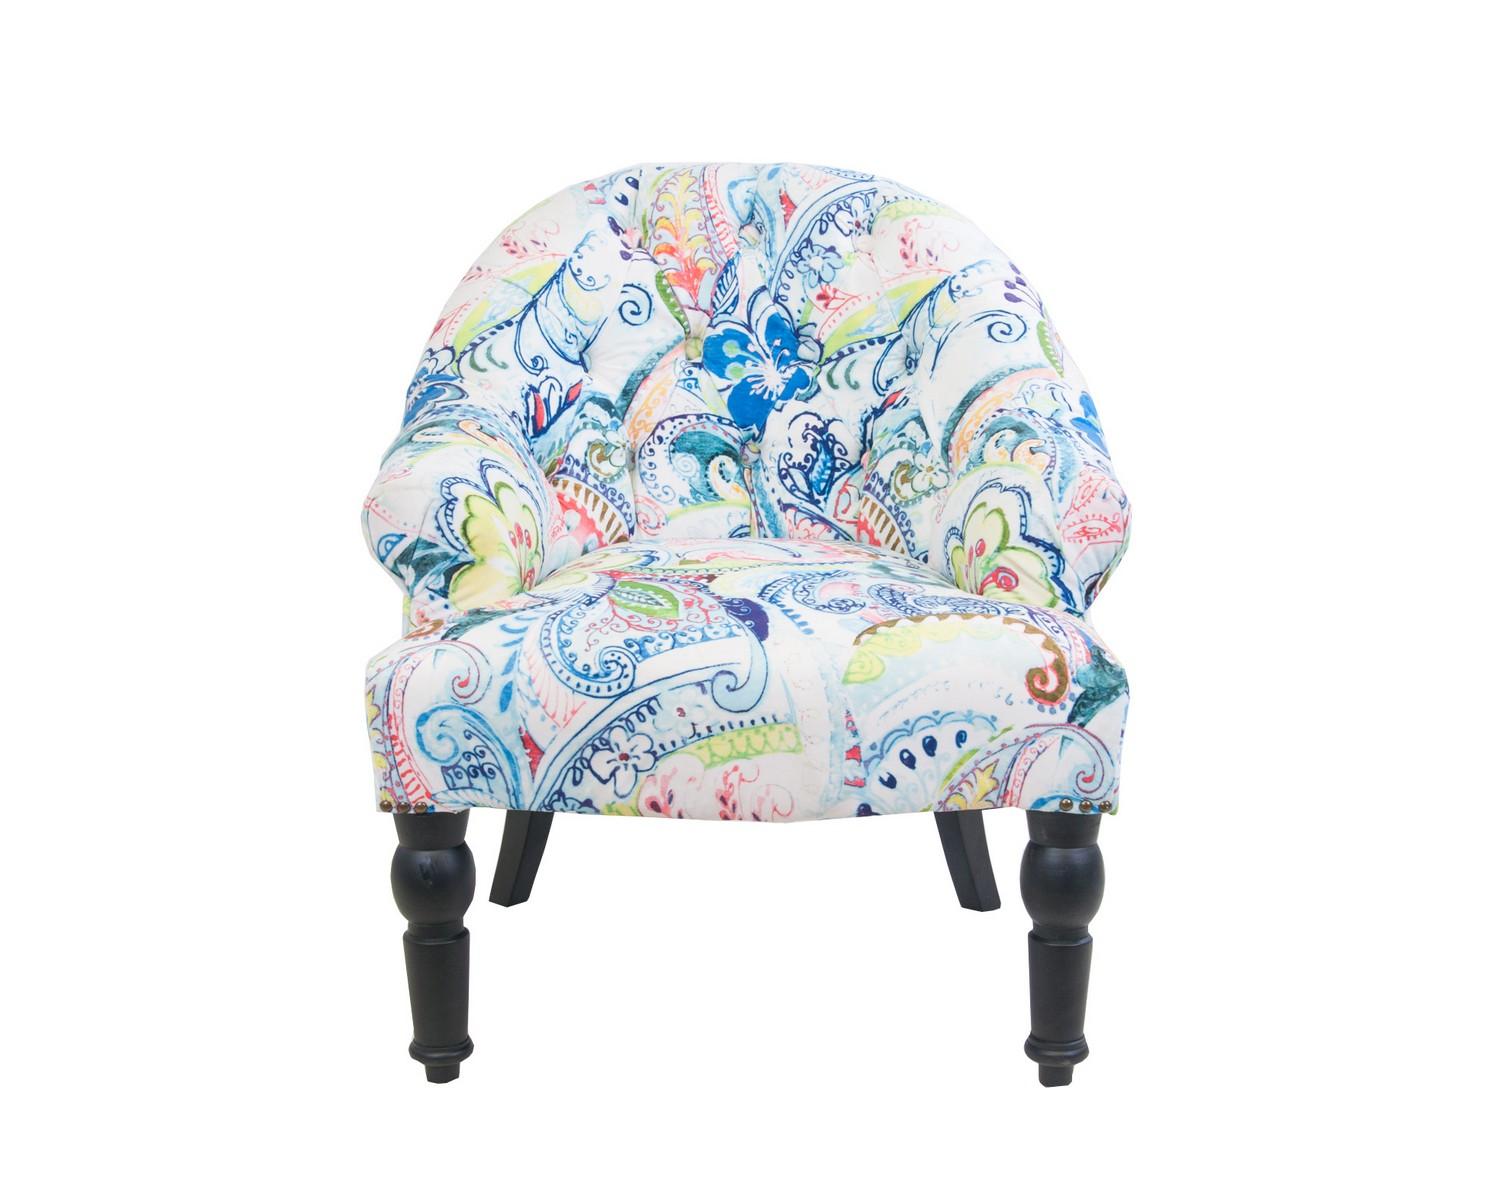 Кресло Desta flowerПолукресла<br>Это классическое кресло придаст вашему дому уютную и теплую атмосферу. Невысокая спинка с декоративной стежкой и компактные подлокотники располагают к комфортному времяпровождению. Деревянные резные ножки кресла Desta делают его безупречный образ законченным. Кресло отлично подойдет как для жилых помещений, так и для кафе и ресторанов.<br><br>Material: Лен<br>Width см: 65<br>Depth см: 66<br>Height см: 76